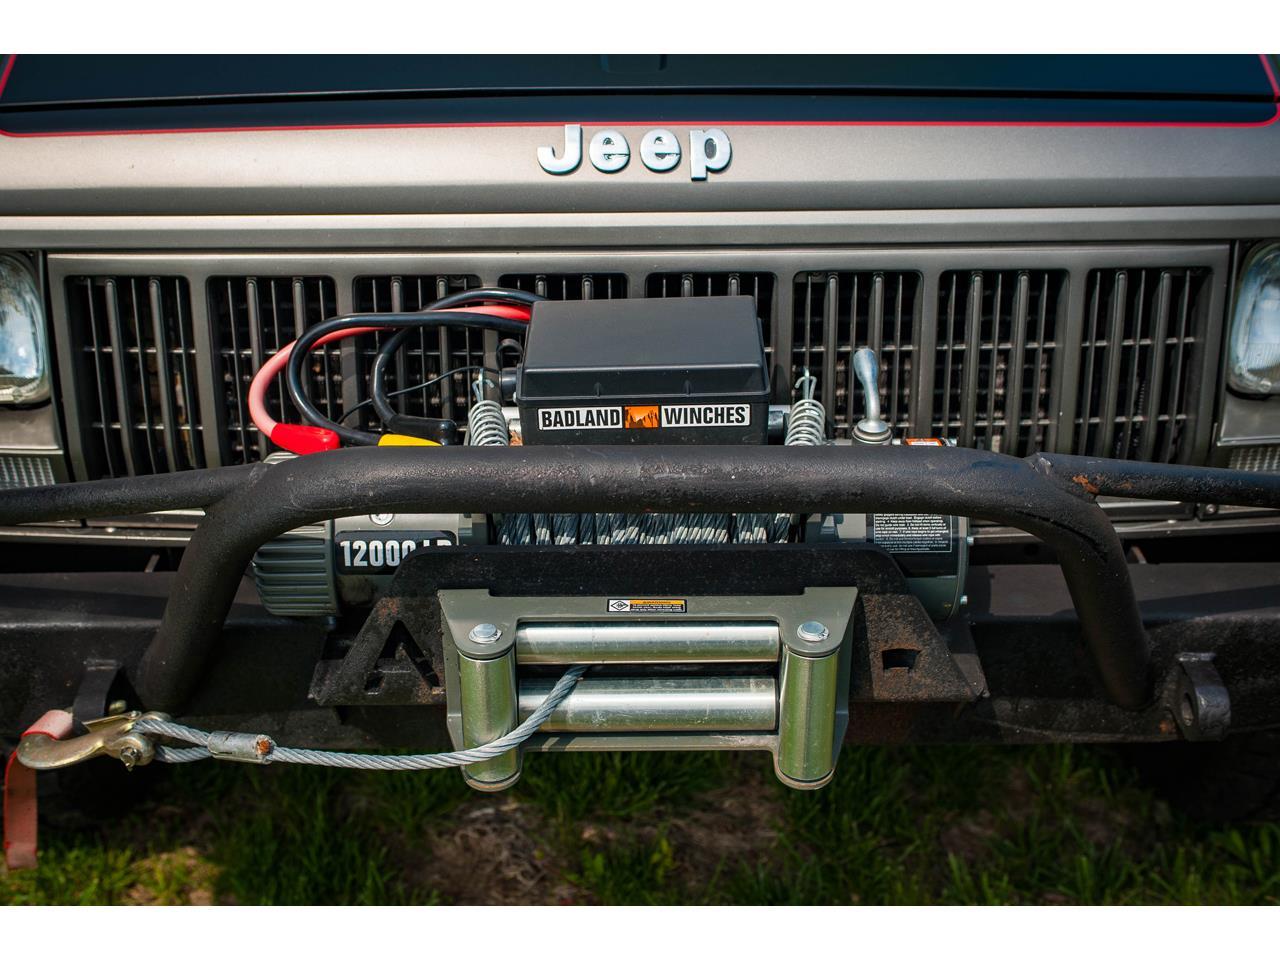 Large Picture of 1990 Jeep Comanche located in O'Fallon Illinois - $16,500.00 - QB8P